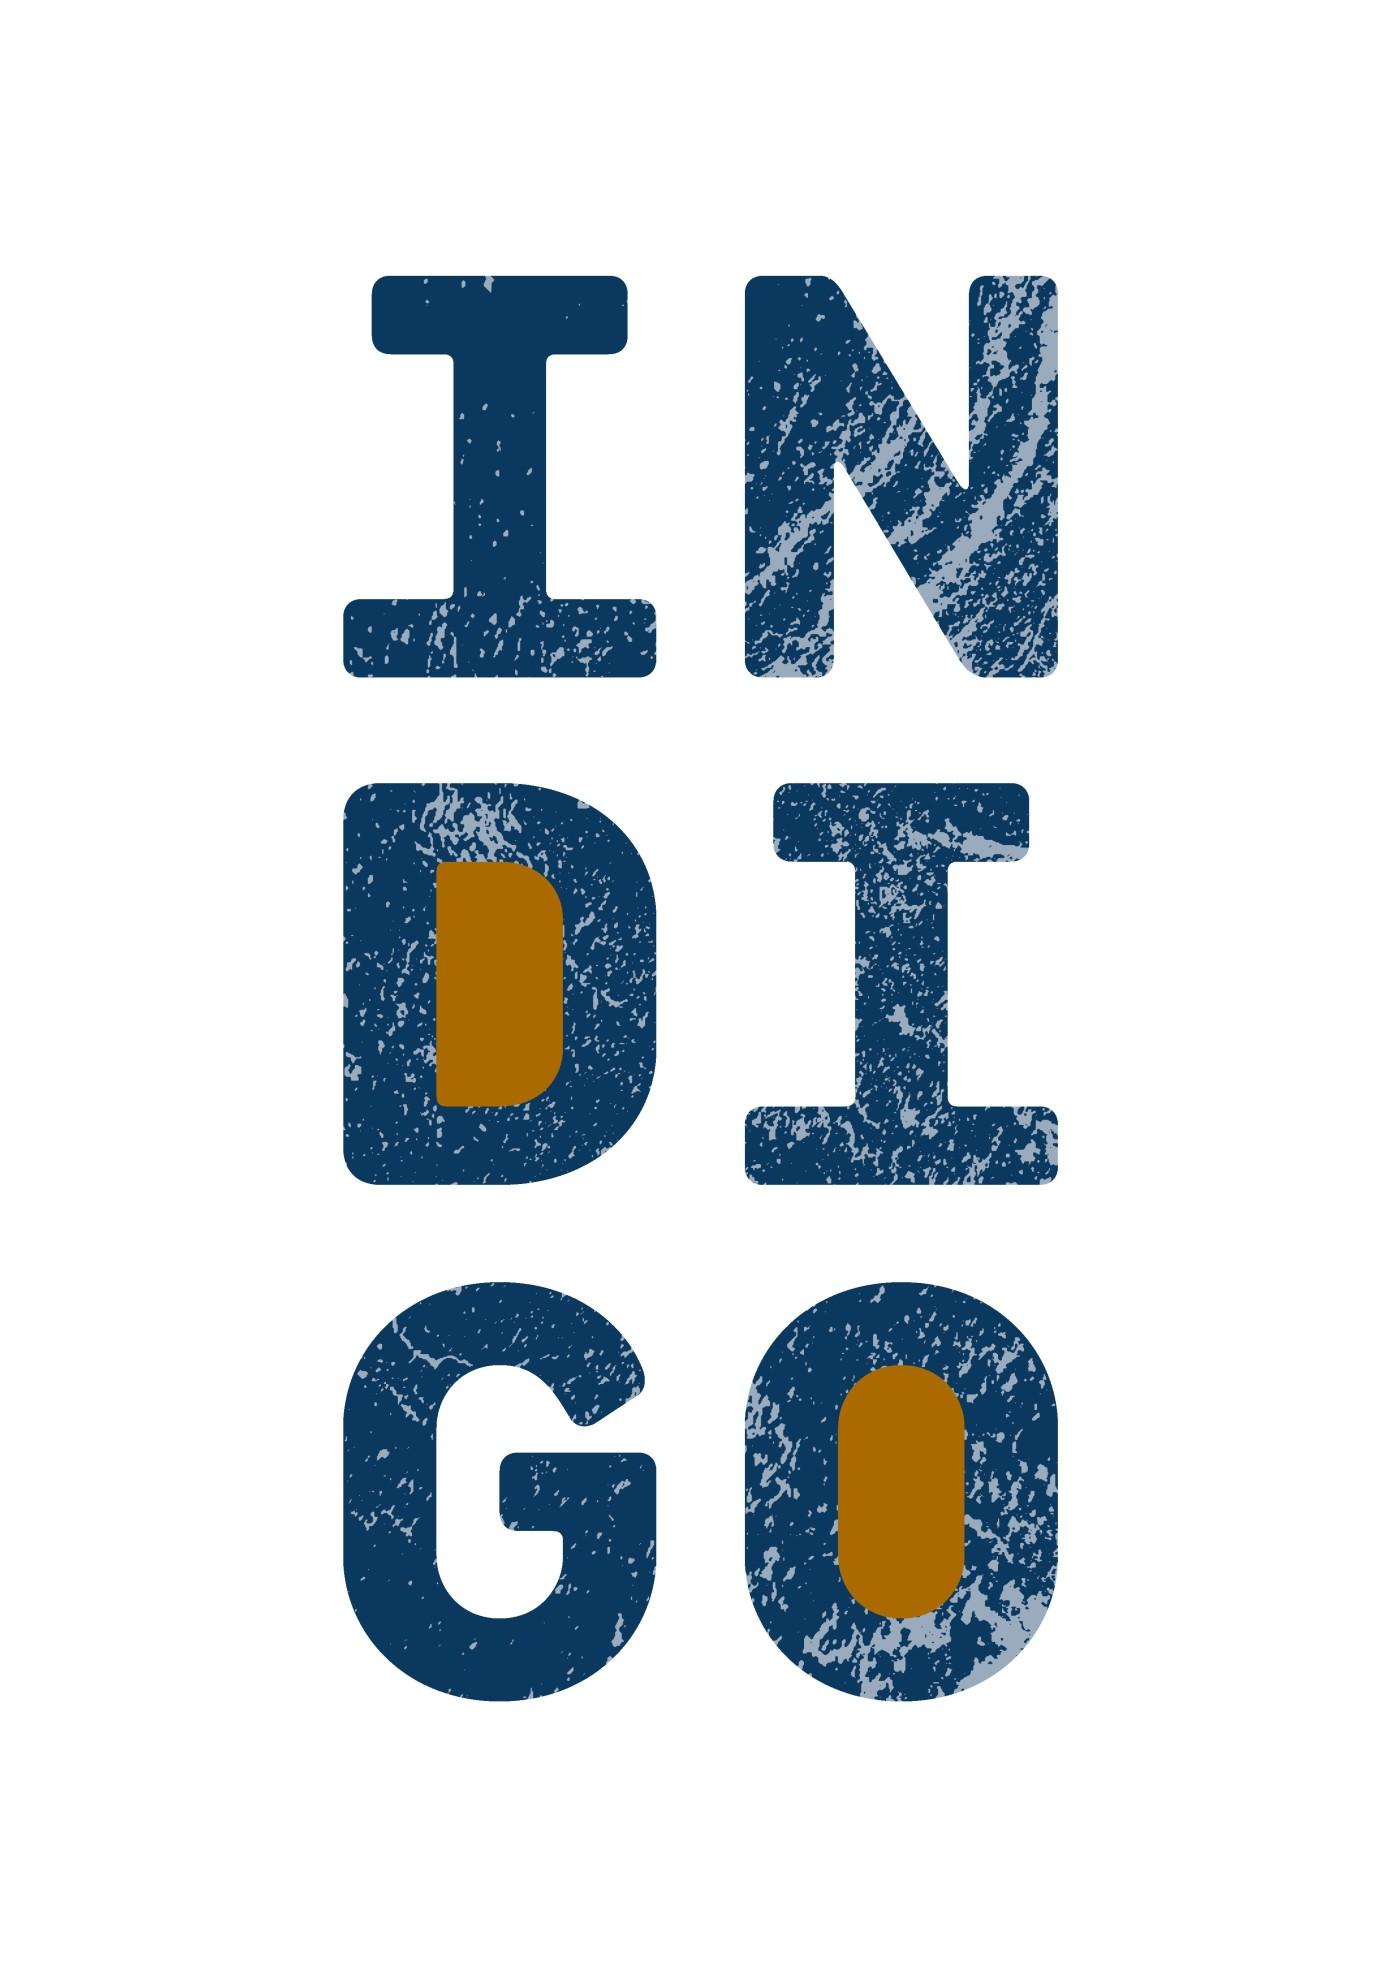 indigocolorartboard-1-copy-6